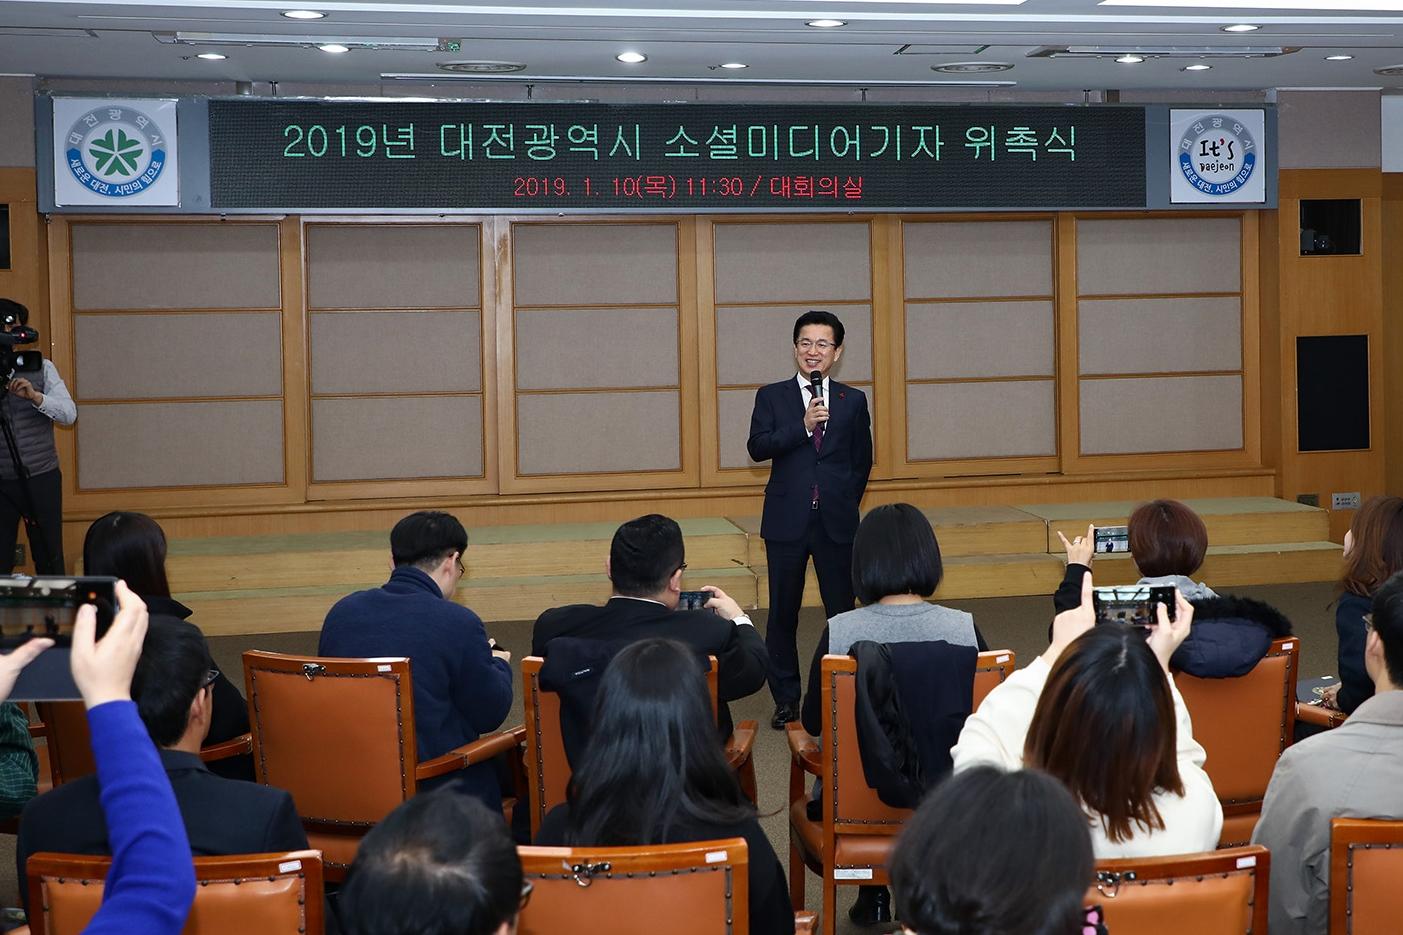 10일 대전시청 대회의실에서 열린 소셜미디어기자단 위촉식에서 인사하는 허태정 대전시장